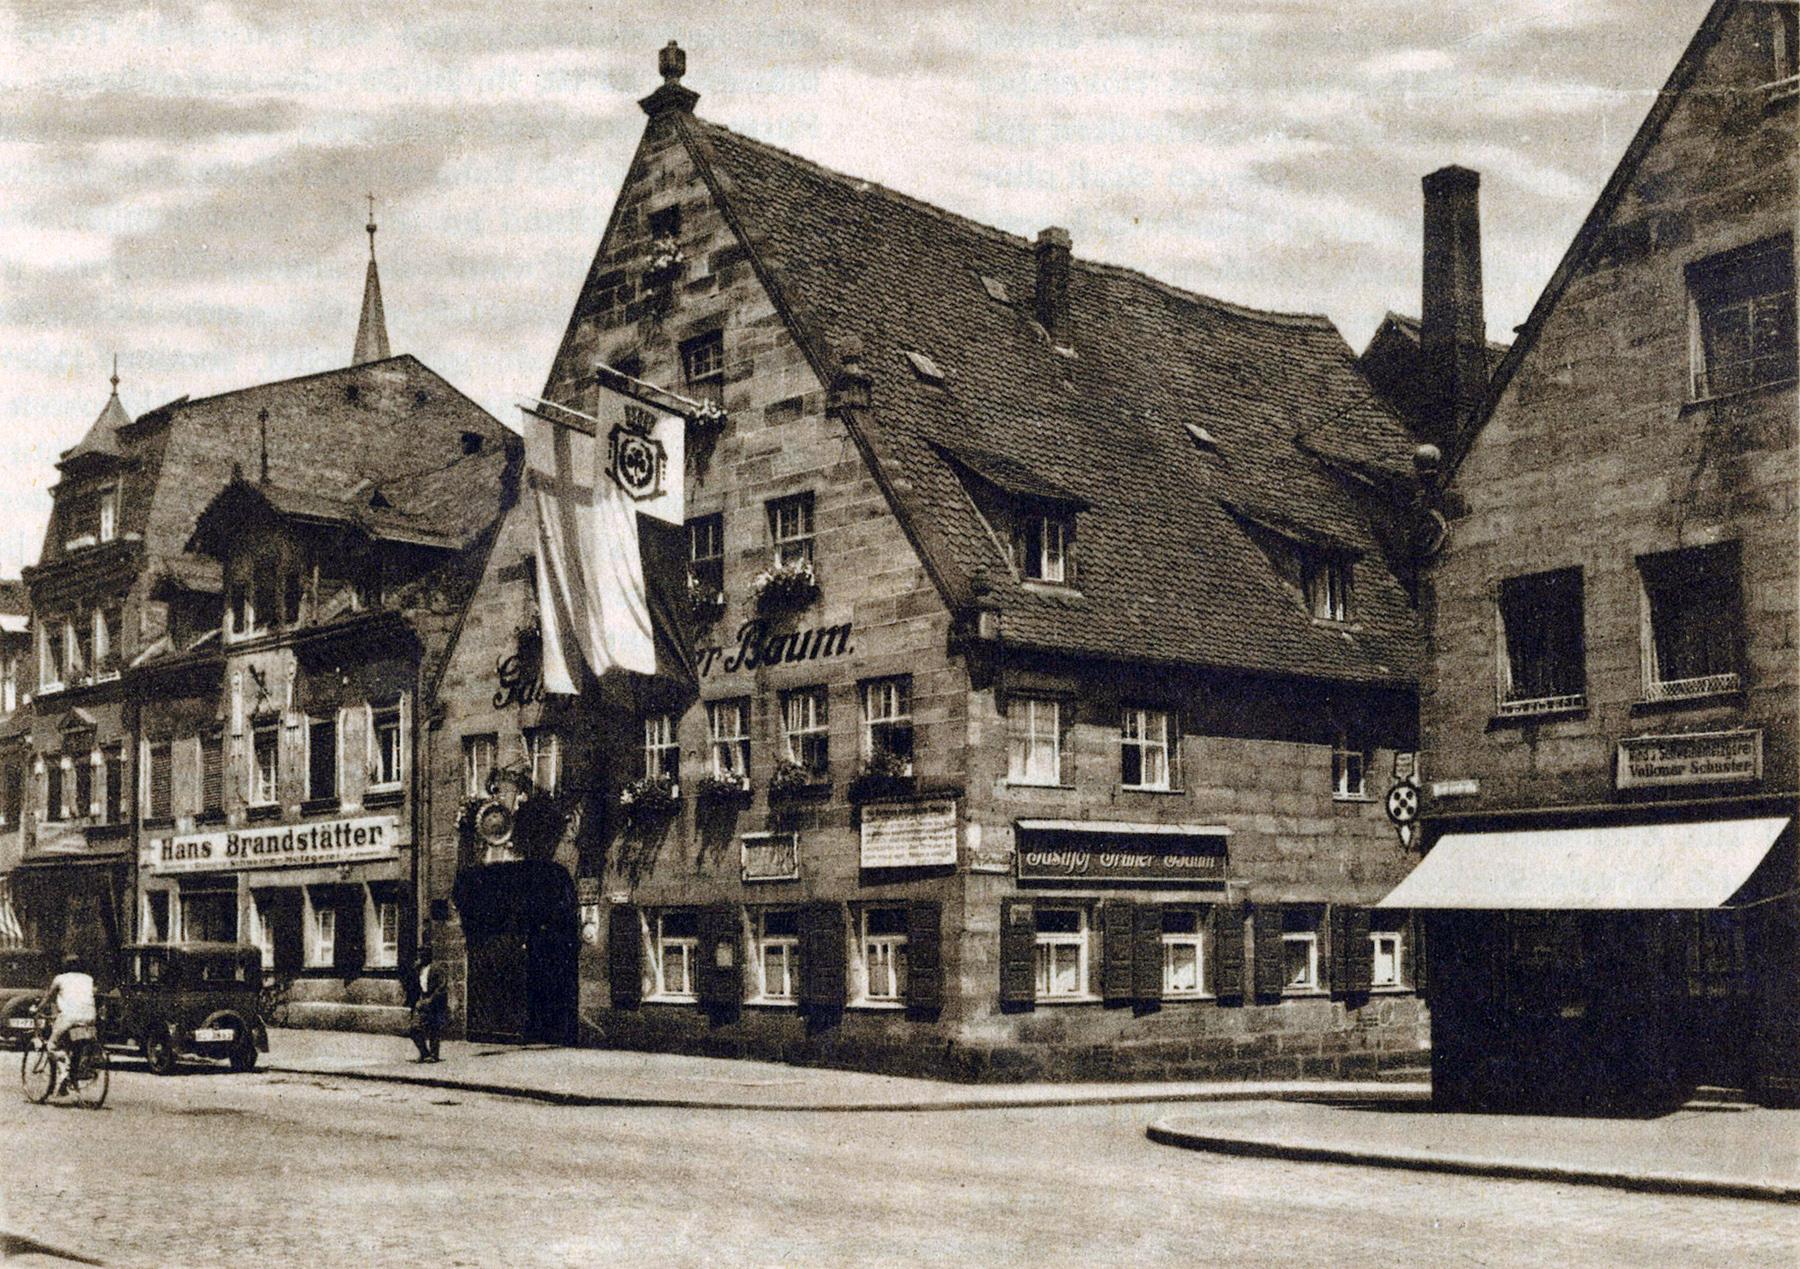 Aufnahme von Karl Stöhr, 1932, Archiv FürthWiki e.V.